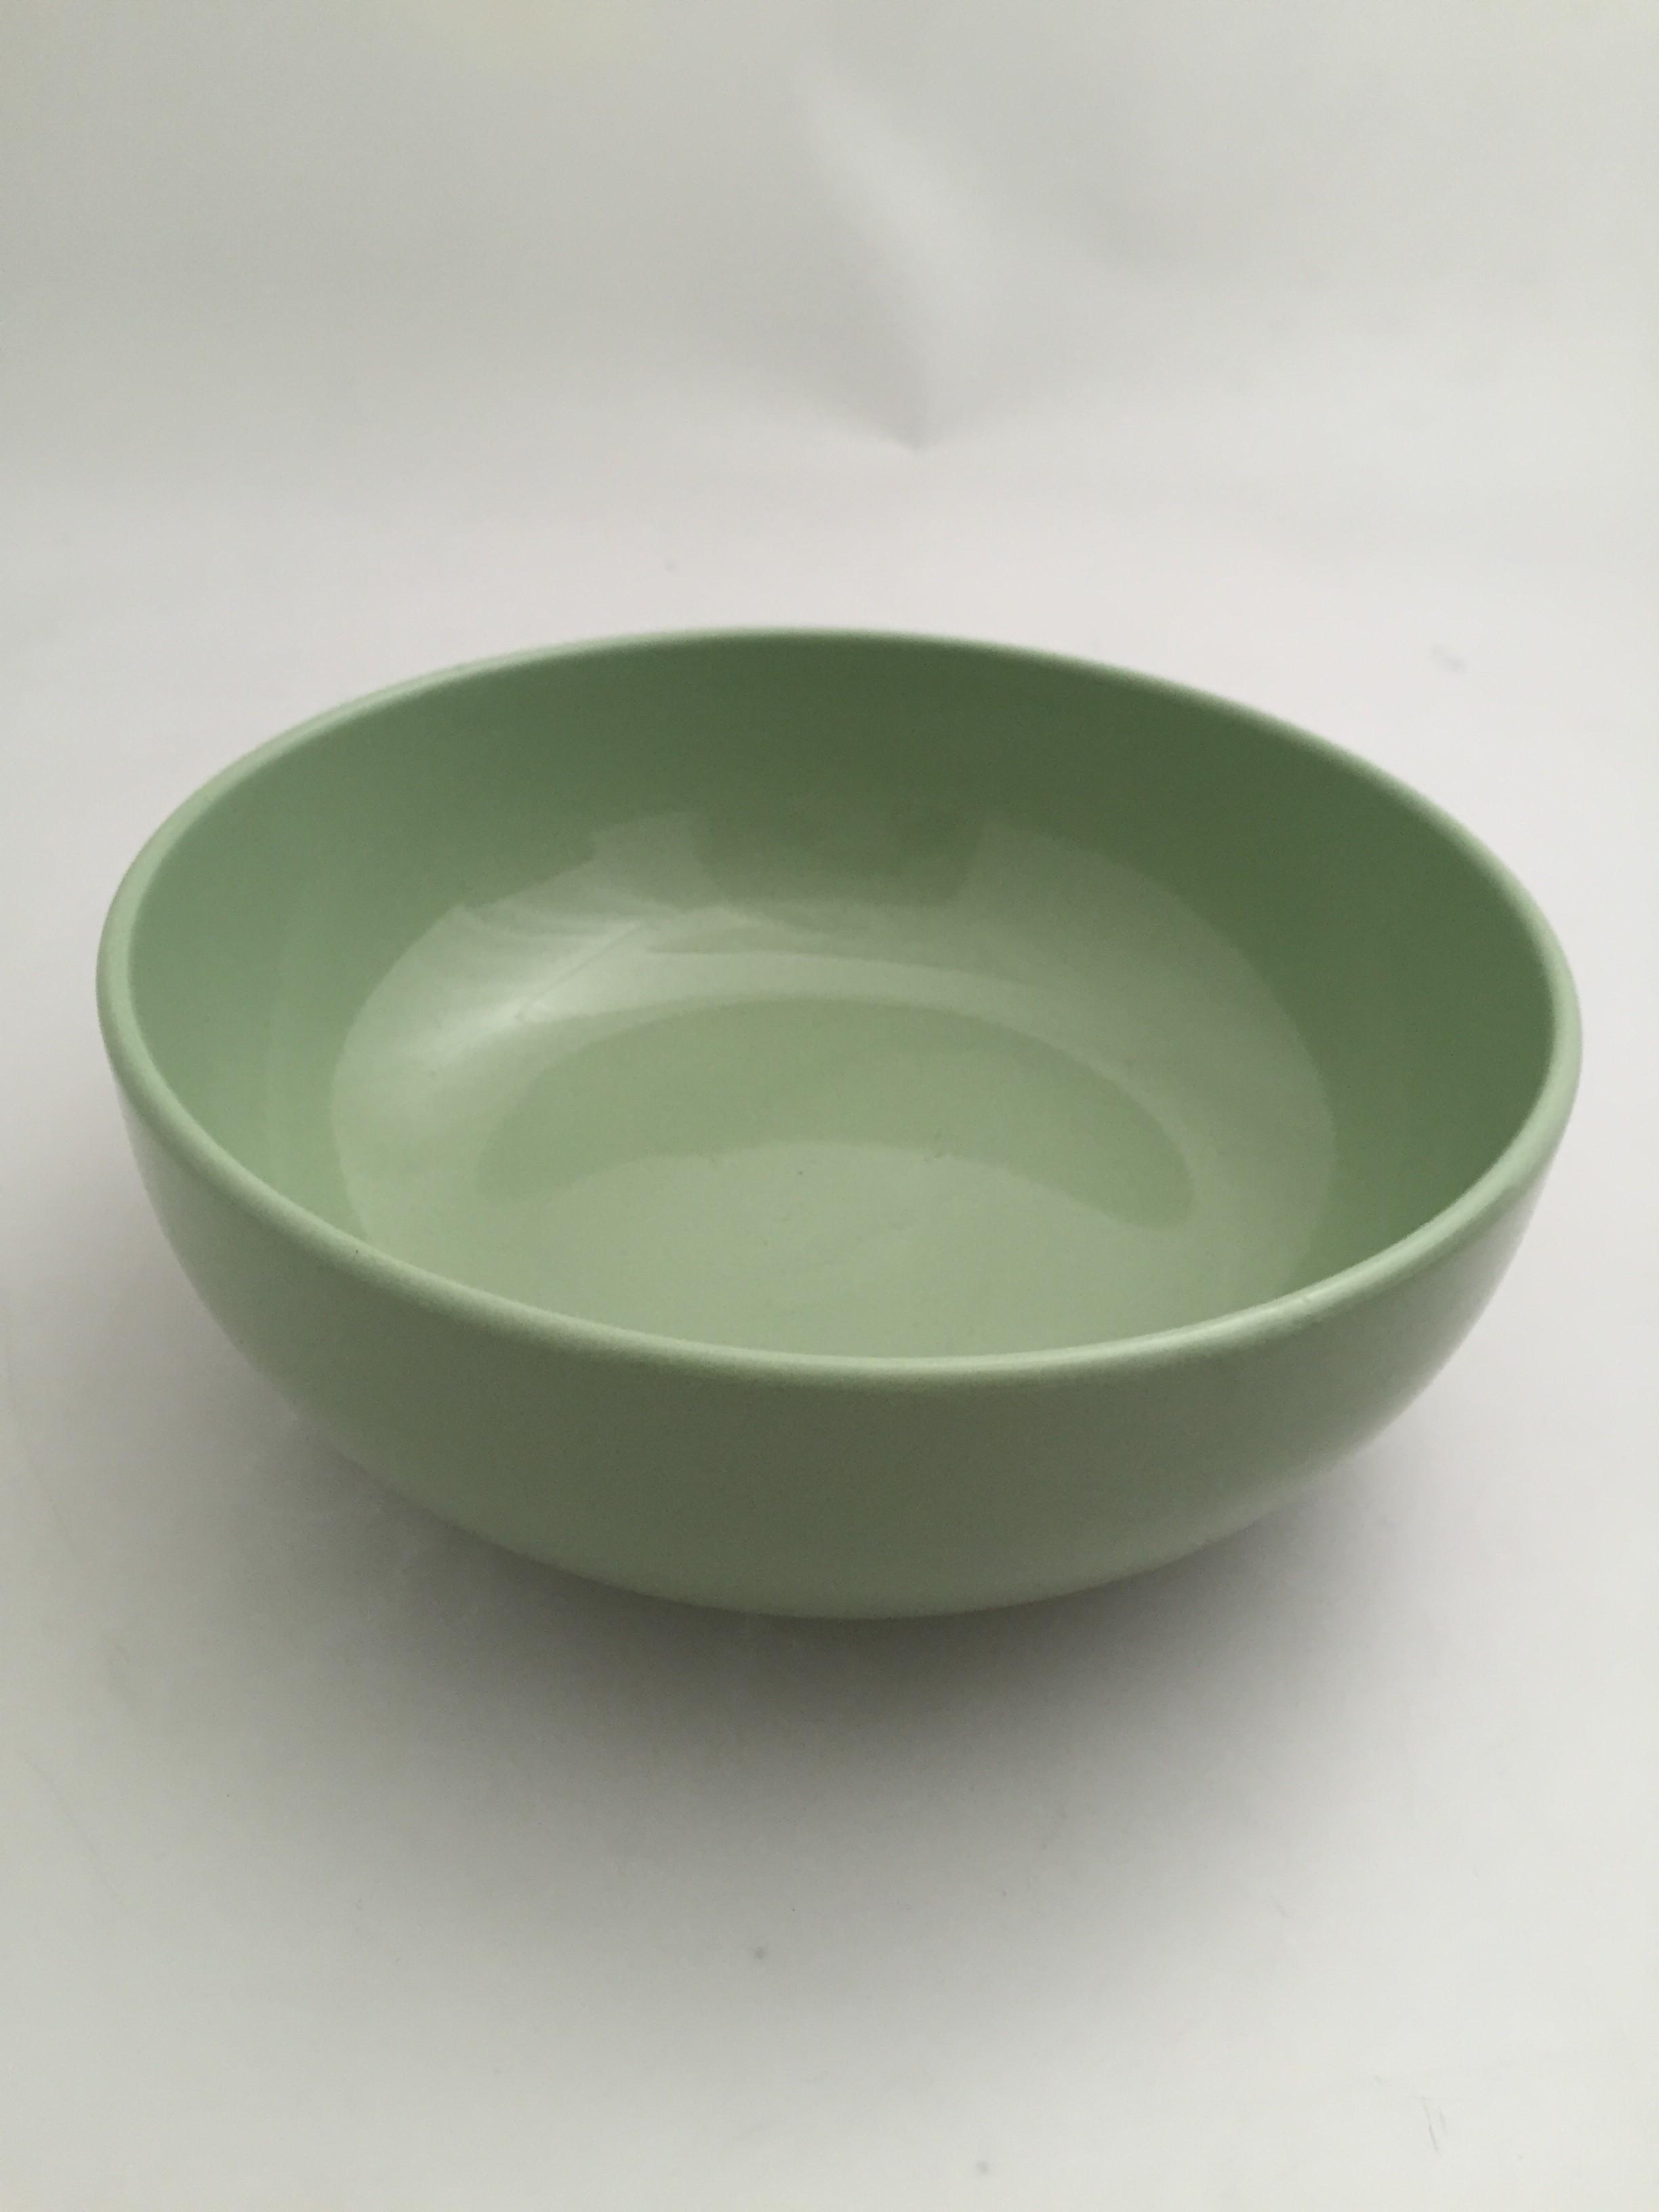 Μπολ Σαλάτας 20cm Κεραμικό Πράσινο Happy Ware Kera home   ειδη σερβιρισματος   σαλατιέρες